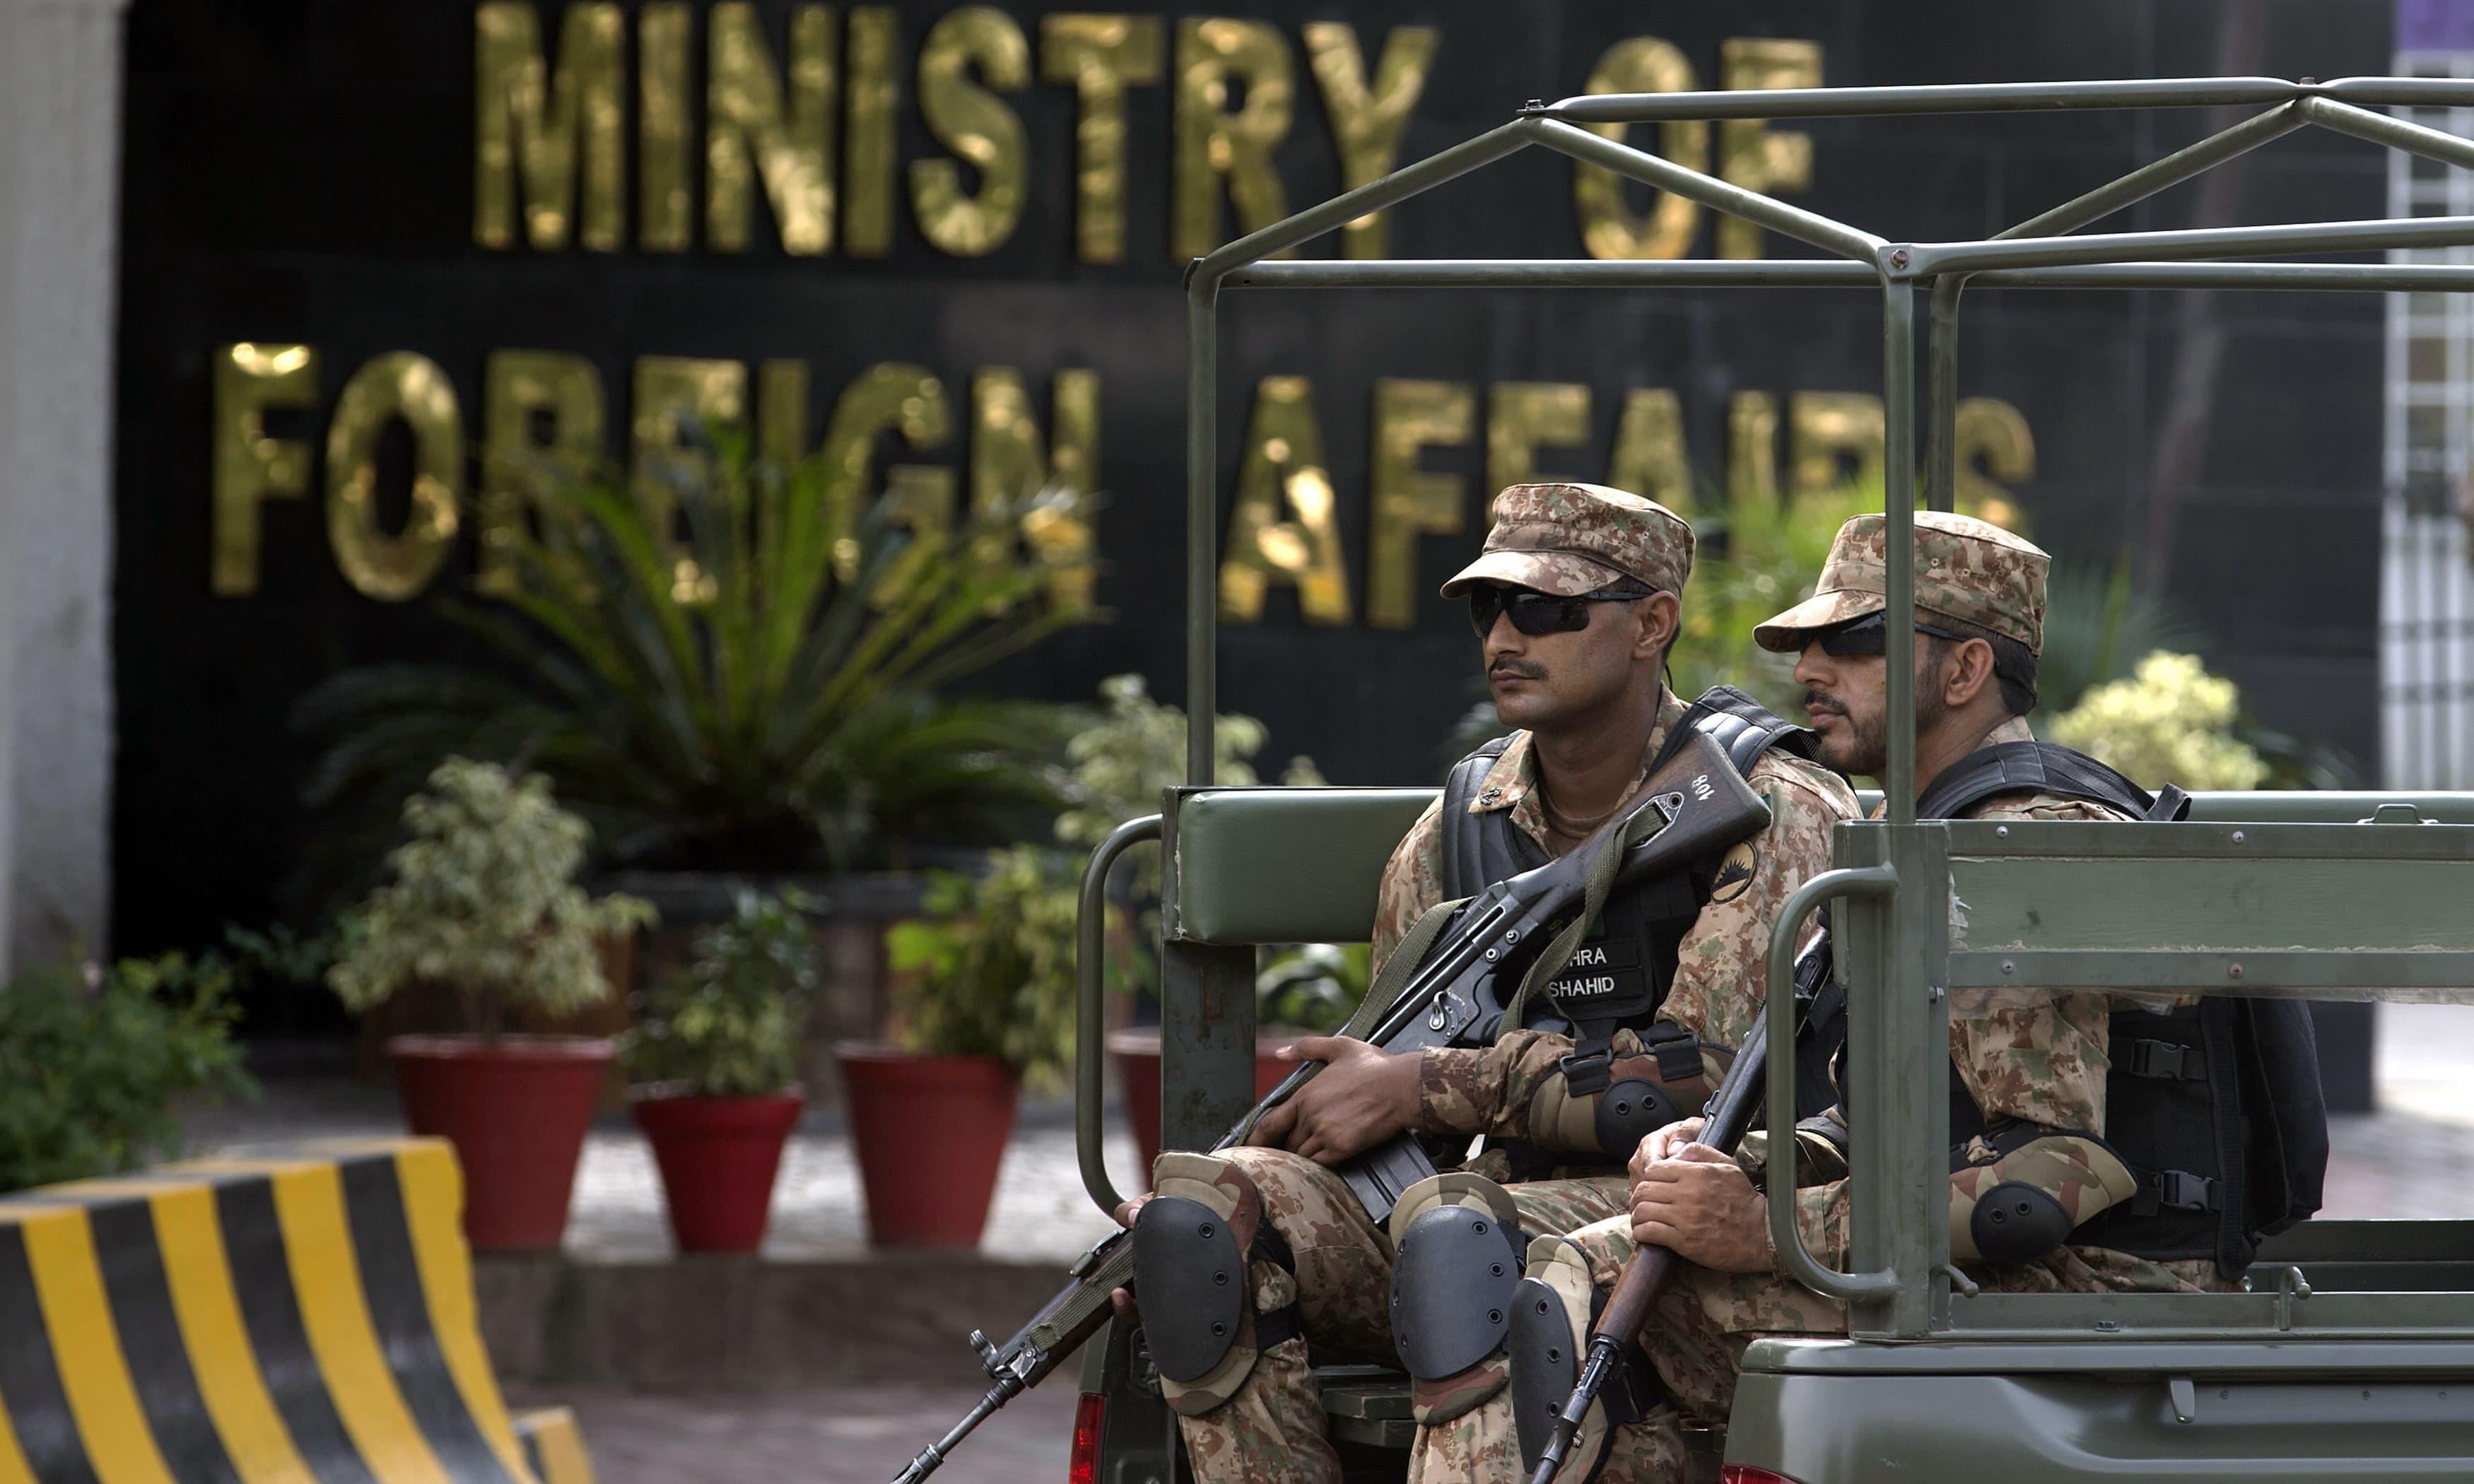 بھارت کے سینئر سفارتکار کی دفتر خارجہ طلبی، ایل او سی فائرنگ پر احتجاج